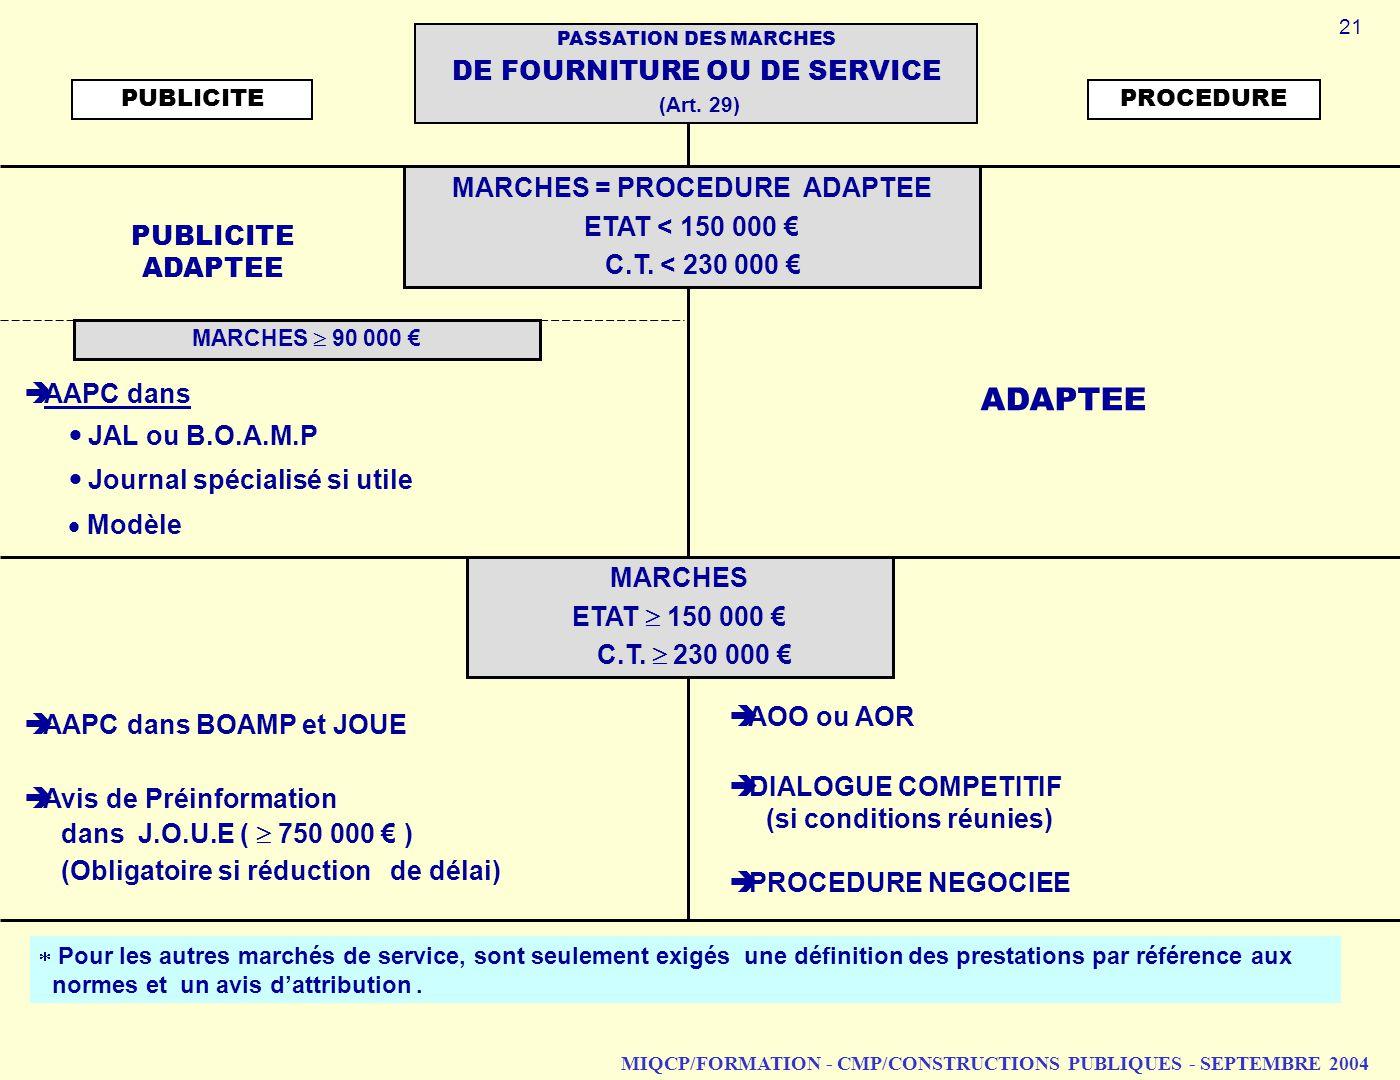 MIQCP/FORMATION - CMP/CONSTRUCTIONS PUBLIQUES - SEPTEMBRE 2004 PUBLICITEPROCEDURE PUBLICITE ADAPTEE MARCHES 90 000 AAPC dans JAL ou B.O.A.M.P Journal